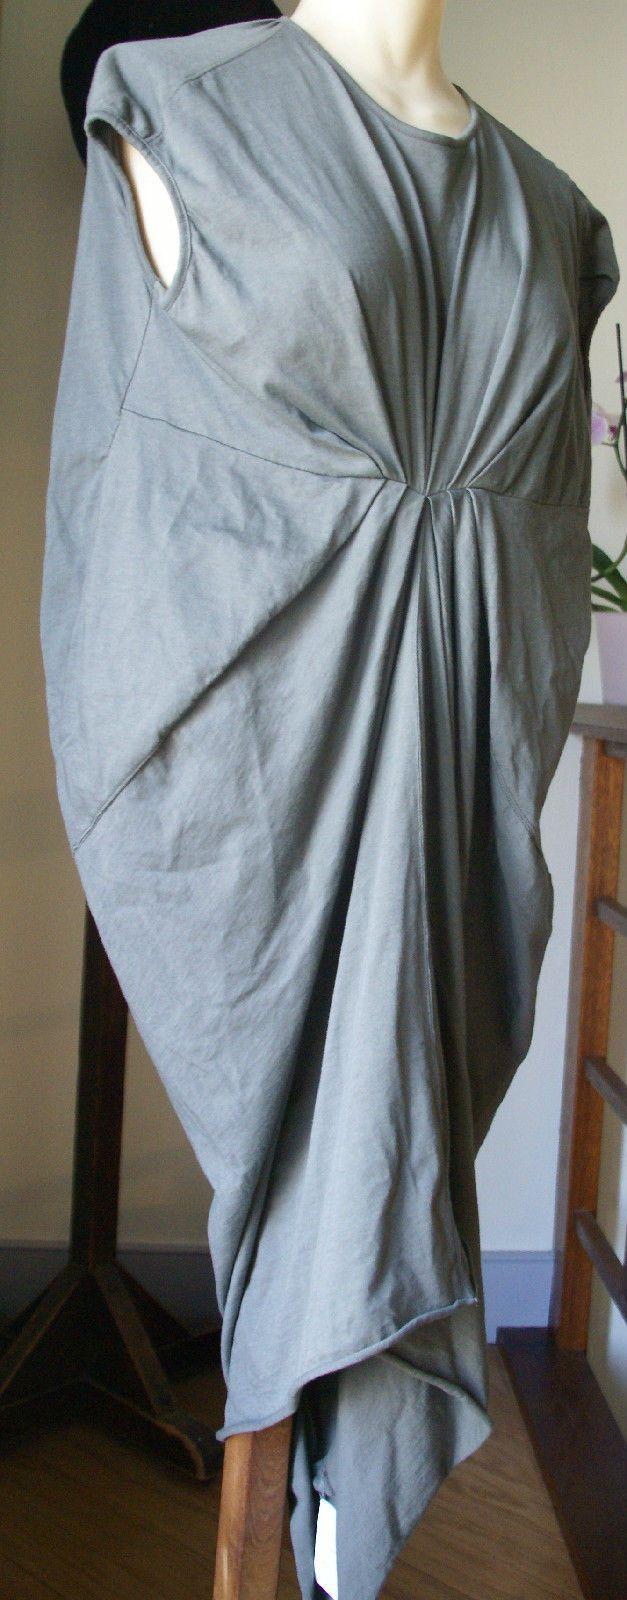 Rick Owens Italy Jersey Dress NWT Barney's $520 00 | eBay